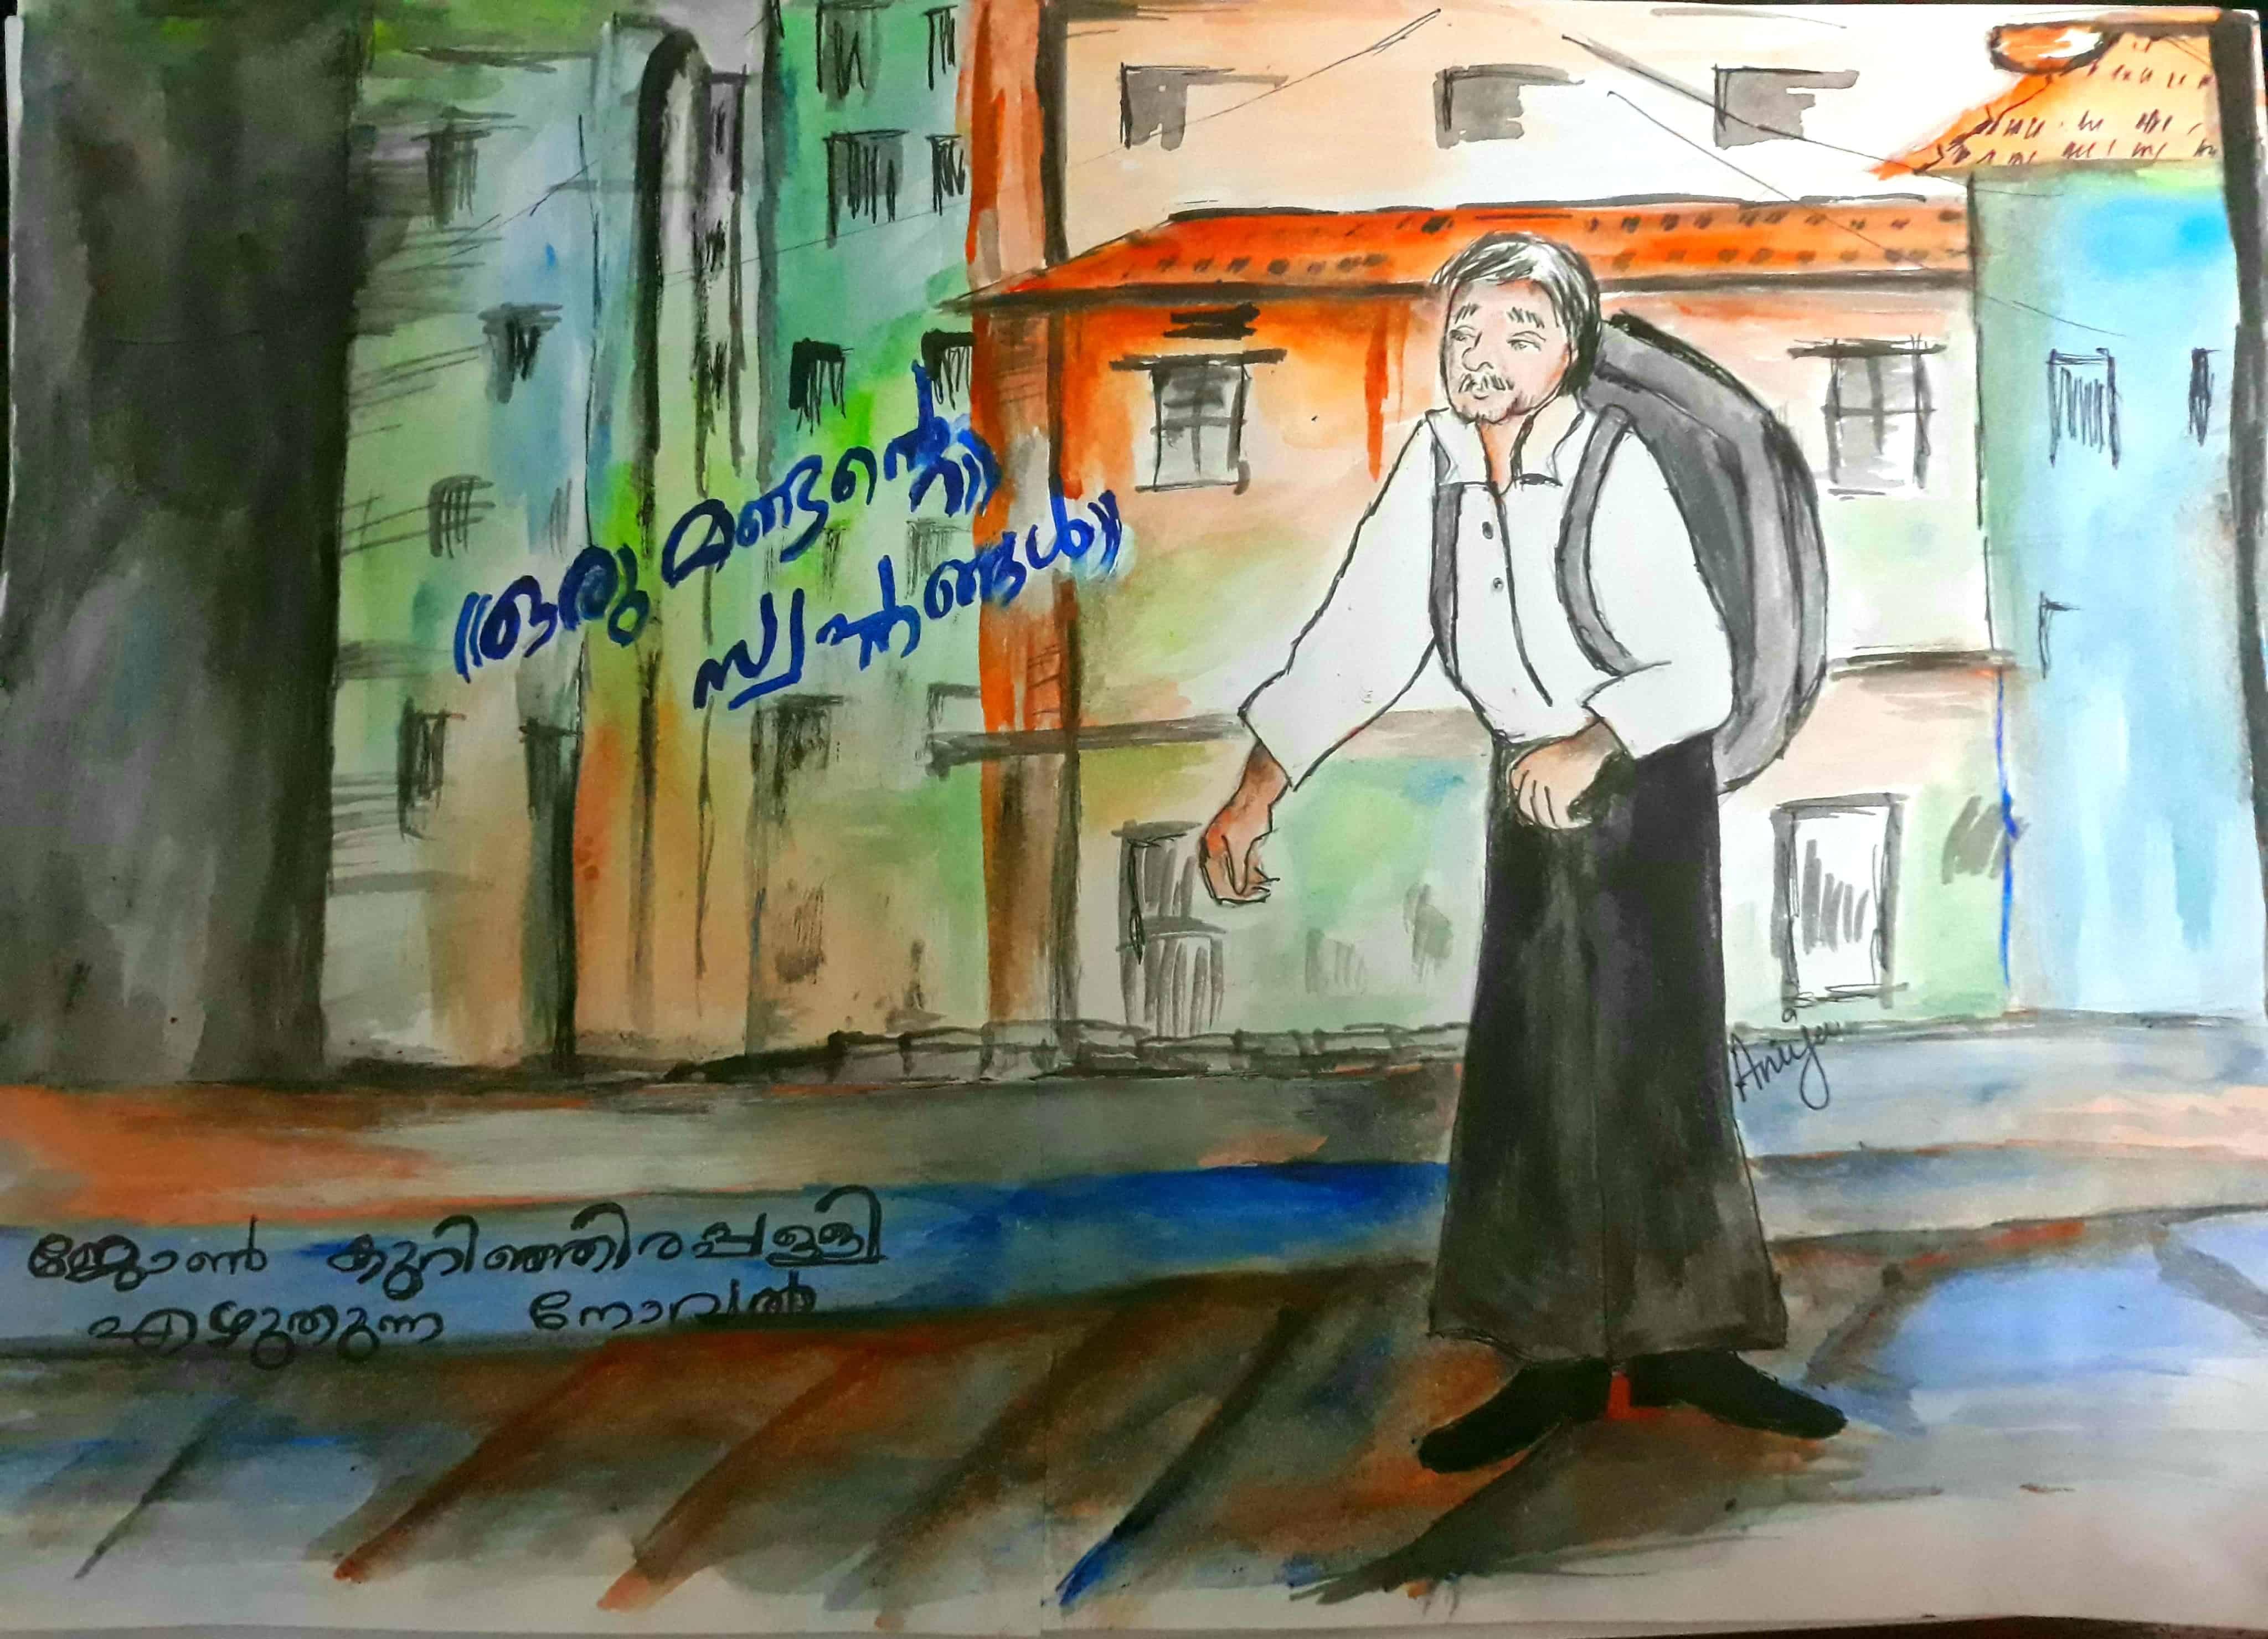 """""""ഒരു മണ്ടൻ്റെ സ്വപ്നങ്ങൾ""""  ജോൺ കുറിഞ്ഞിരപ്പള്ളി എഴുതിയ നോവൽ അദ്ധ്യായം -2"""